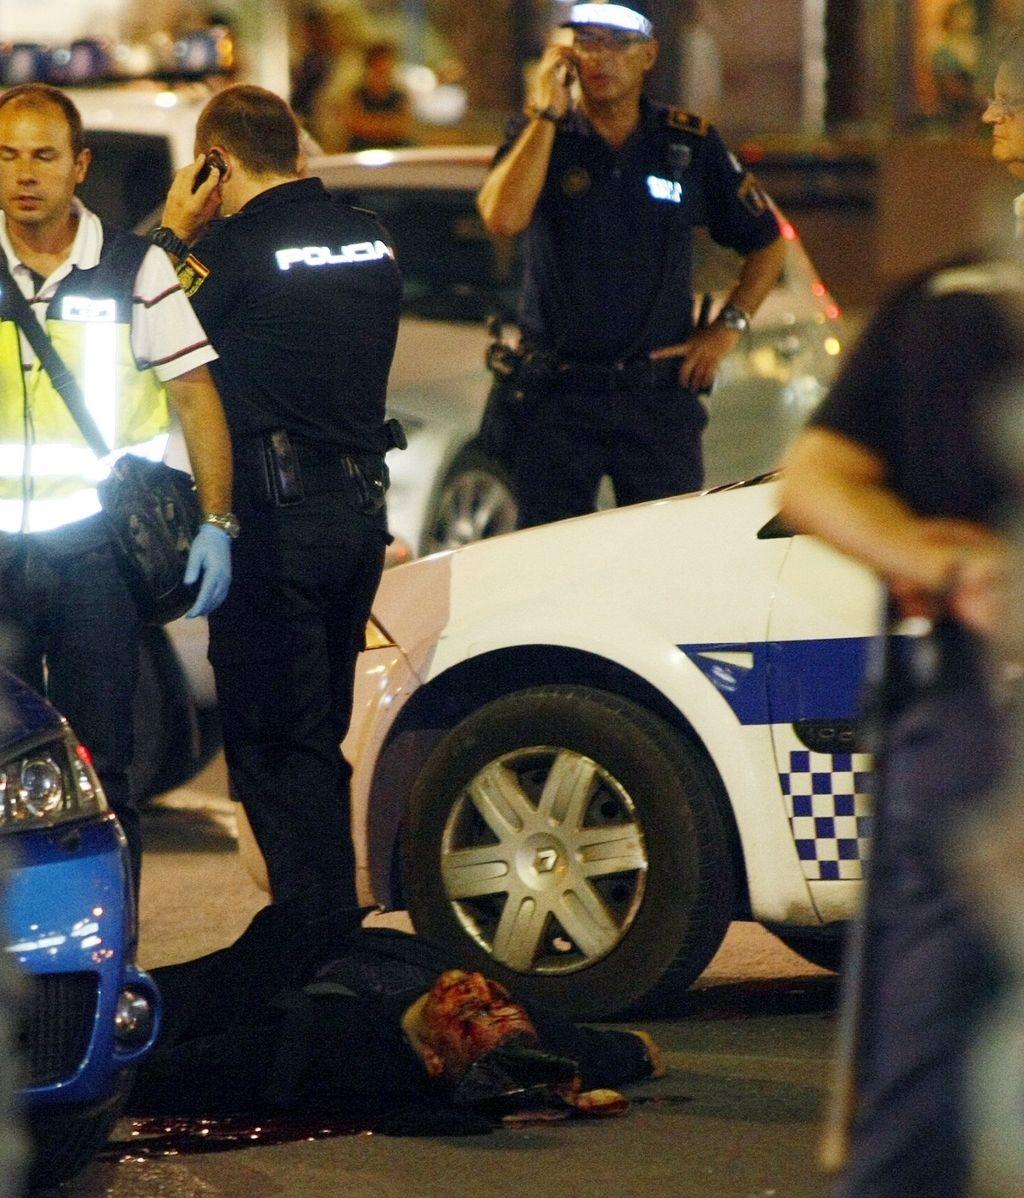 El cuerpo sin vida de uno de los atracadores a una joyería, en una calle de Alicante. Foto: Efe.